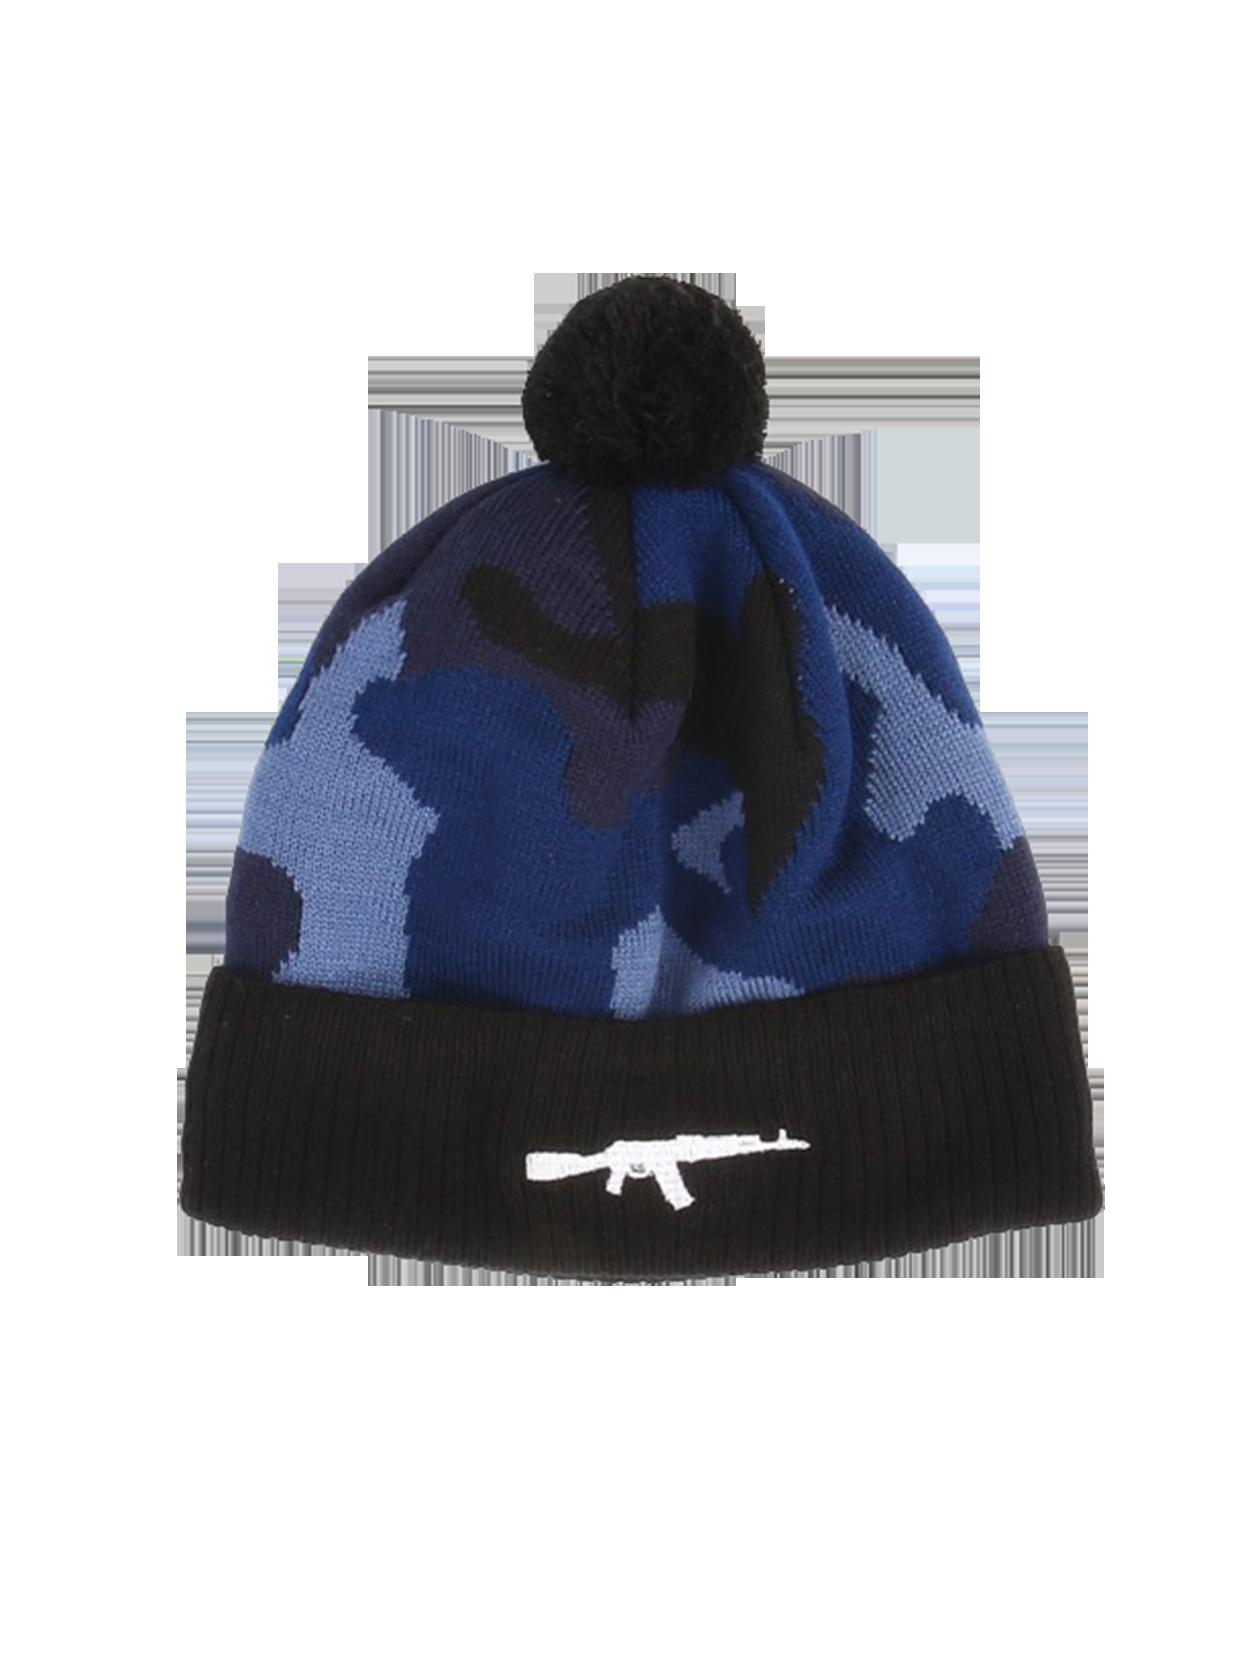 Шапка унисекс Blue Camo RifleТёплая зимняя шапка унисекс Black Star Wear. Модель с подворотом, вышивкой автомат и помпоном. Изделие синей камуфляжной расцветки из 100% акрила.<br><br>Размер: Единый размер<br>Цвет: Камуфляж<br>Пол: Унисекс